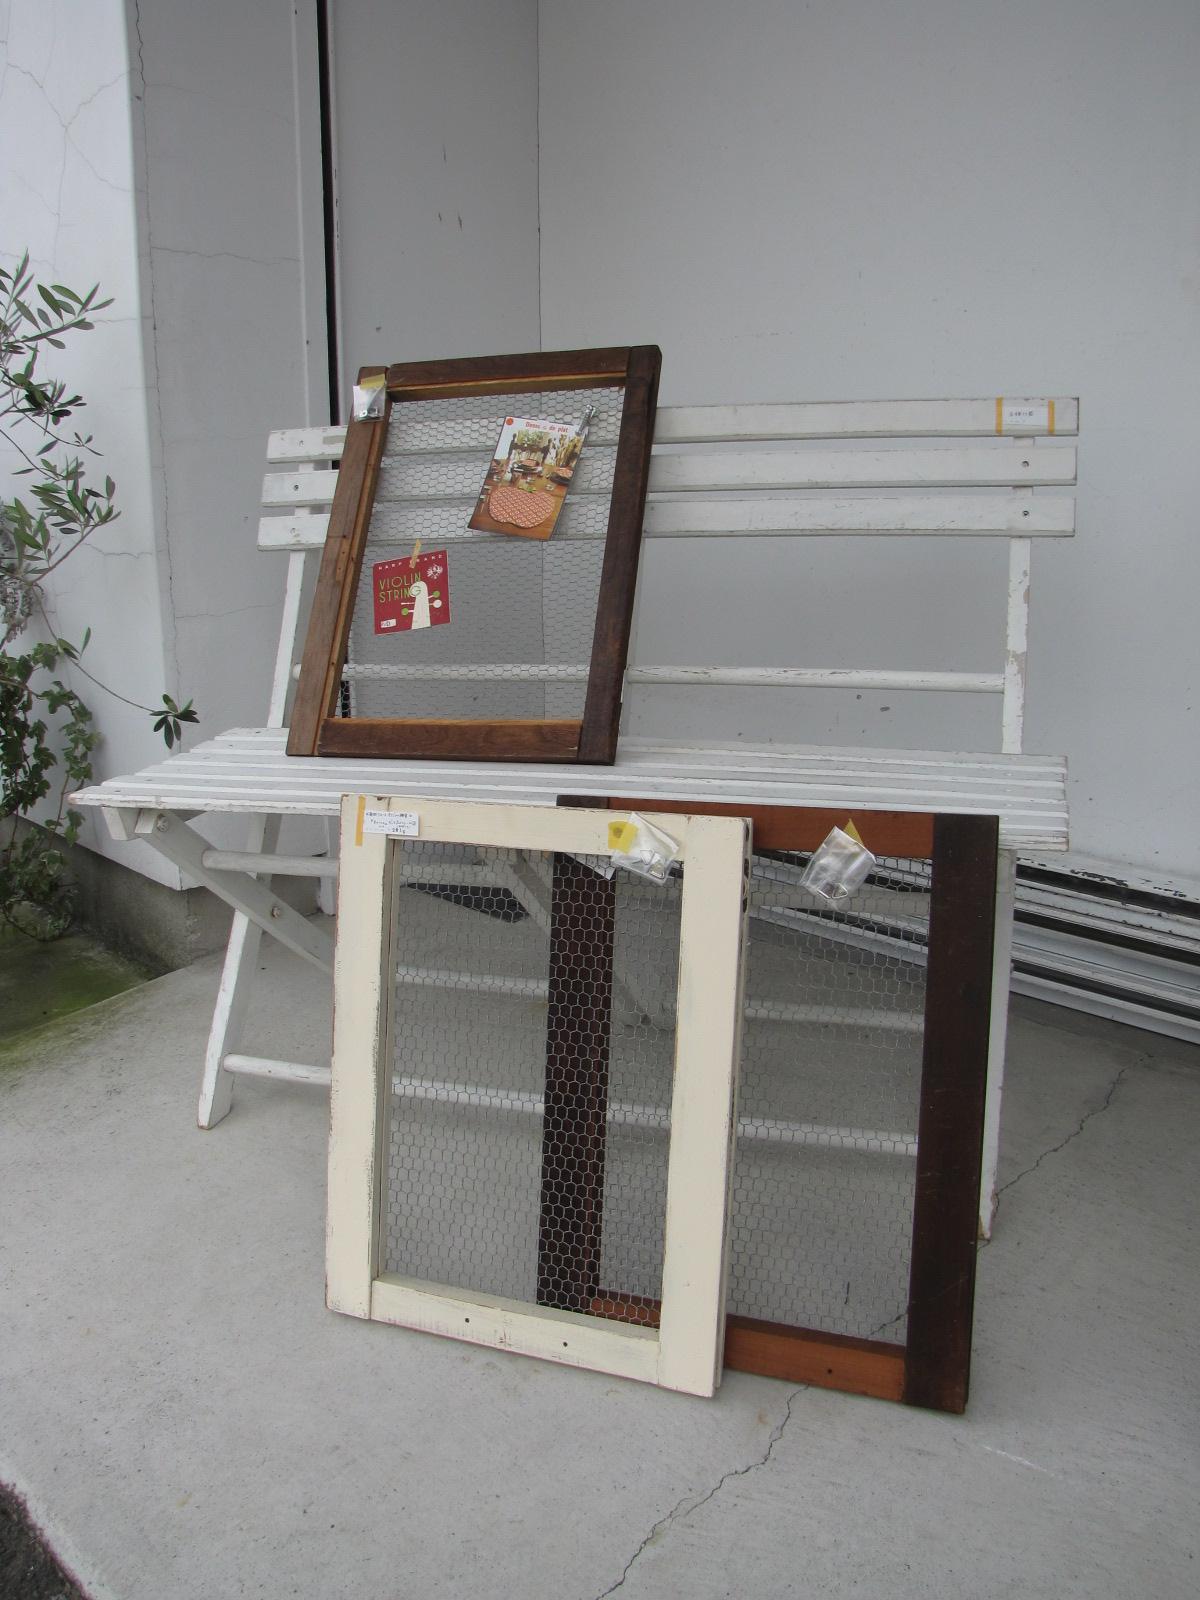 Recca リメイク雑貨 古木 廃材 ディスプレイフレーム